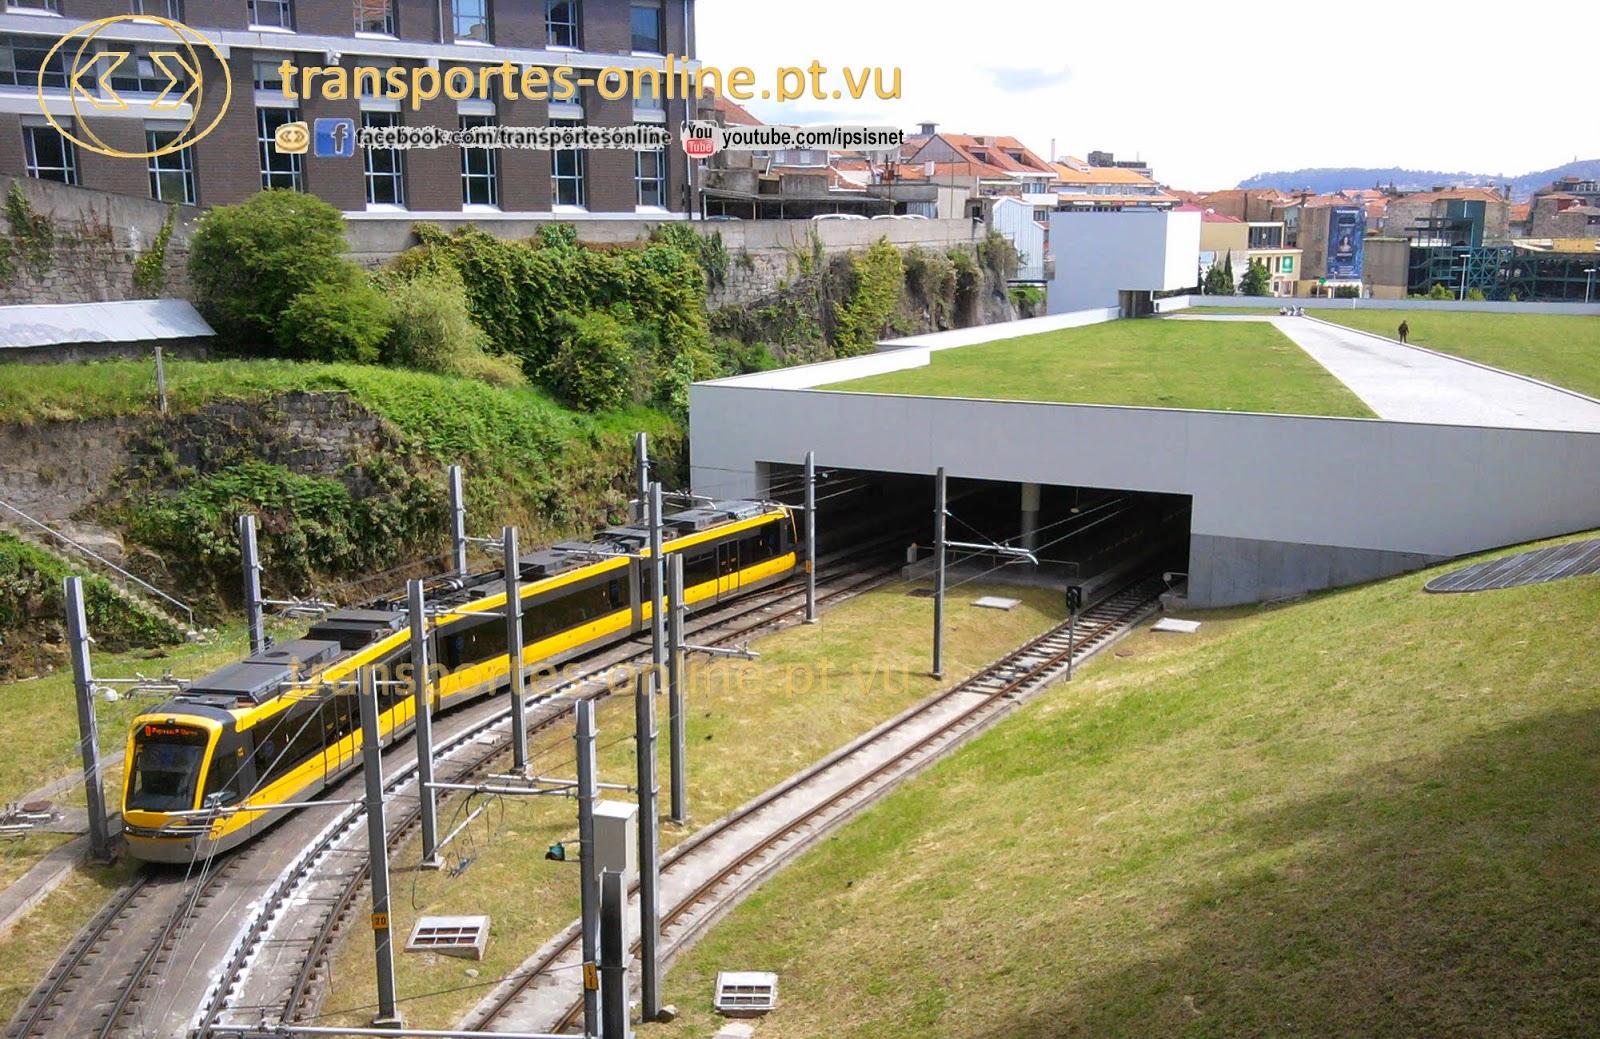 prorroga até finais de Junho concessão do Metro do Porto à ViaPorto #8F7E3C 1600x1039